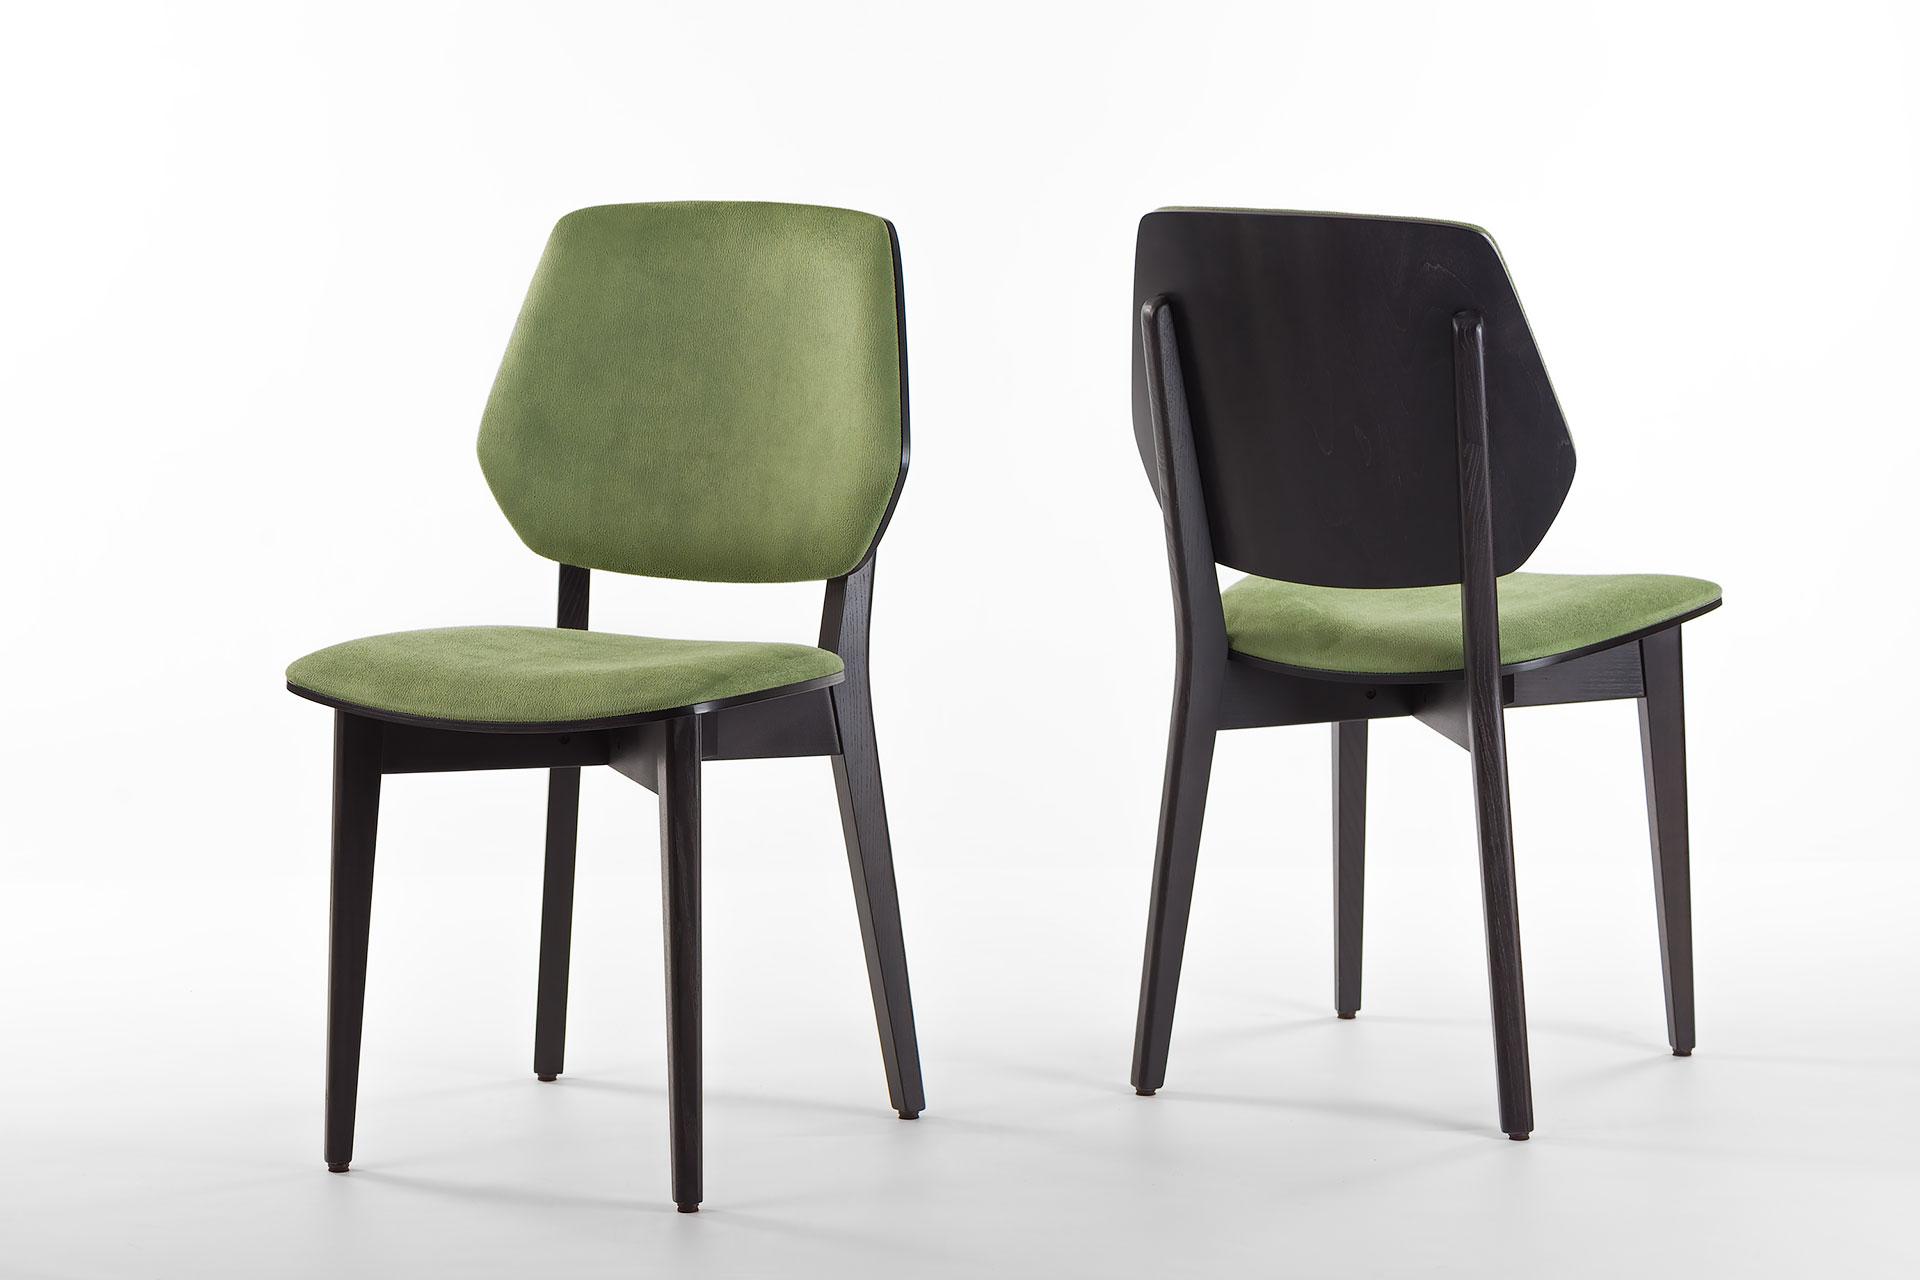 Кухонный стул 03В черно-зеленый, с мягкими сиденьем и спинкой из искусственной замши, Exim Mustang Light Green твердое дерево, цвет изделия SE7059 (два стула)